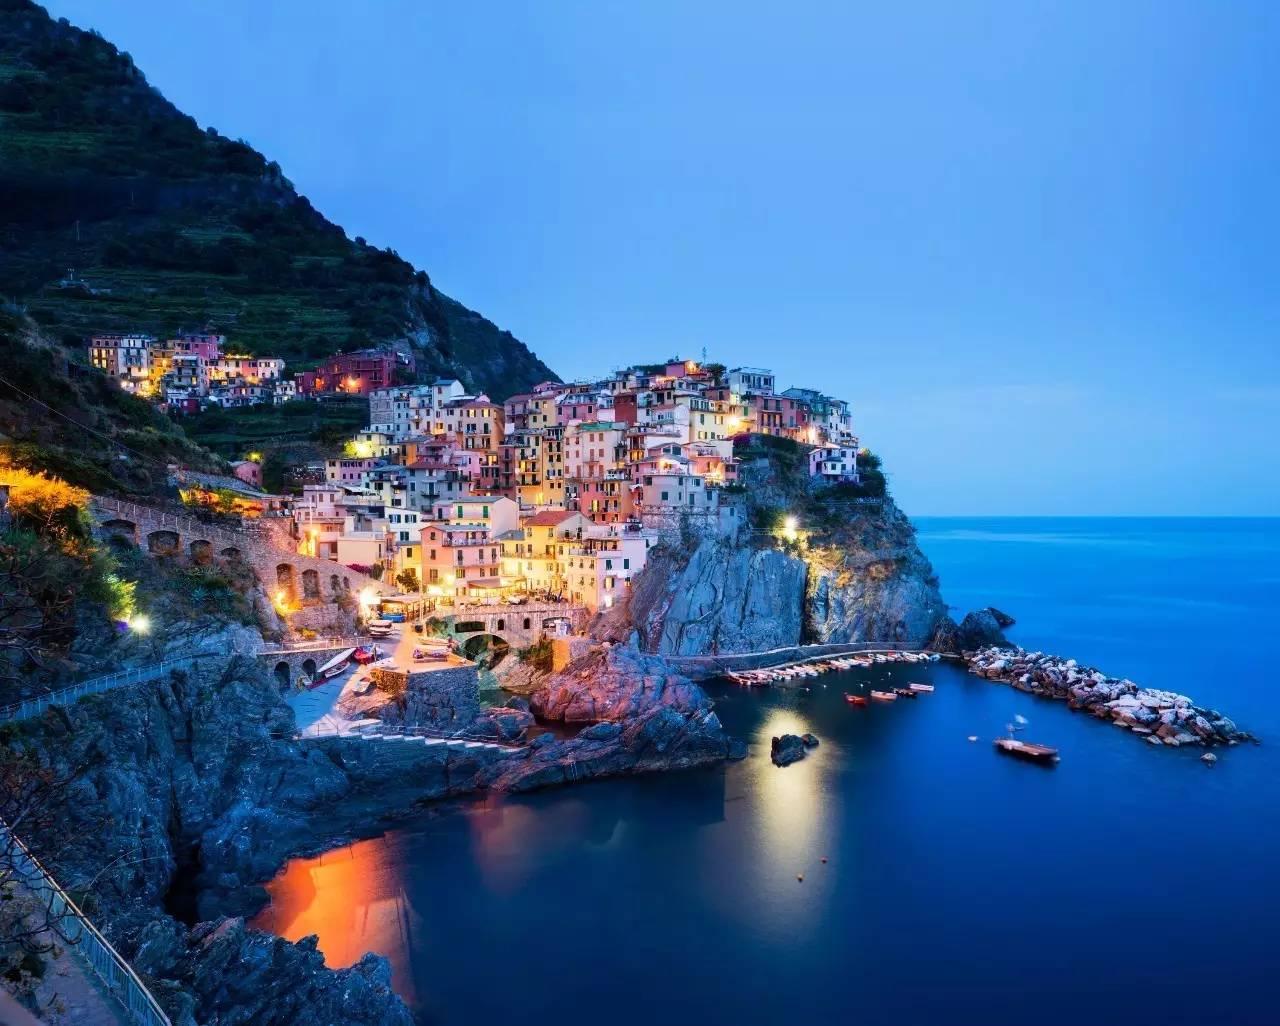 在意大利的著名地标打完卡之后,还有哪里值得去?